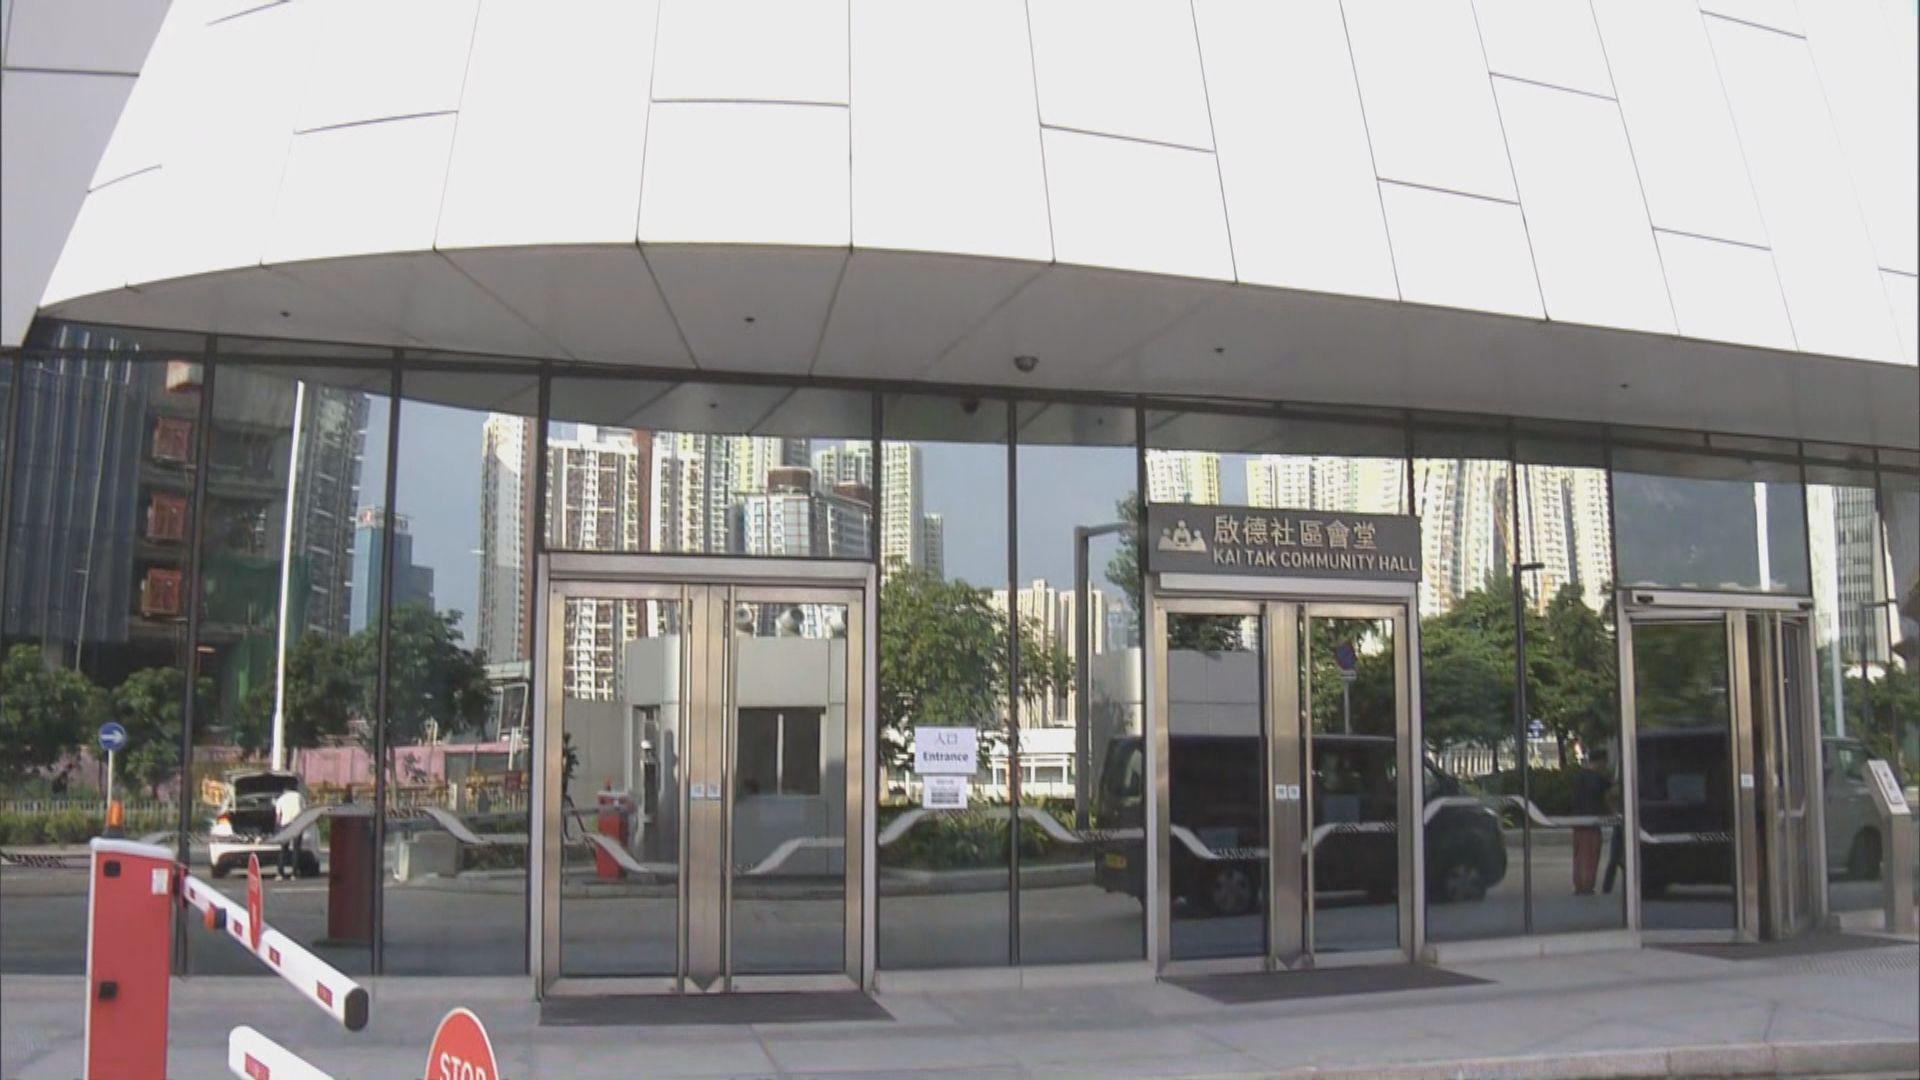 梁顯利社區中心及啟德社區會堂臨時檢測中心周一運作